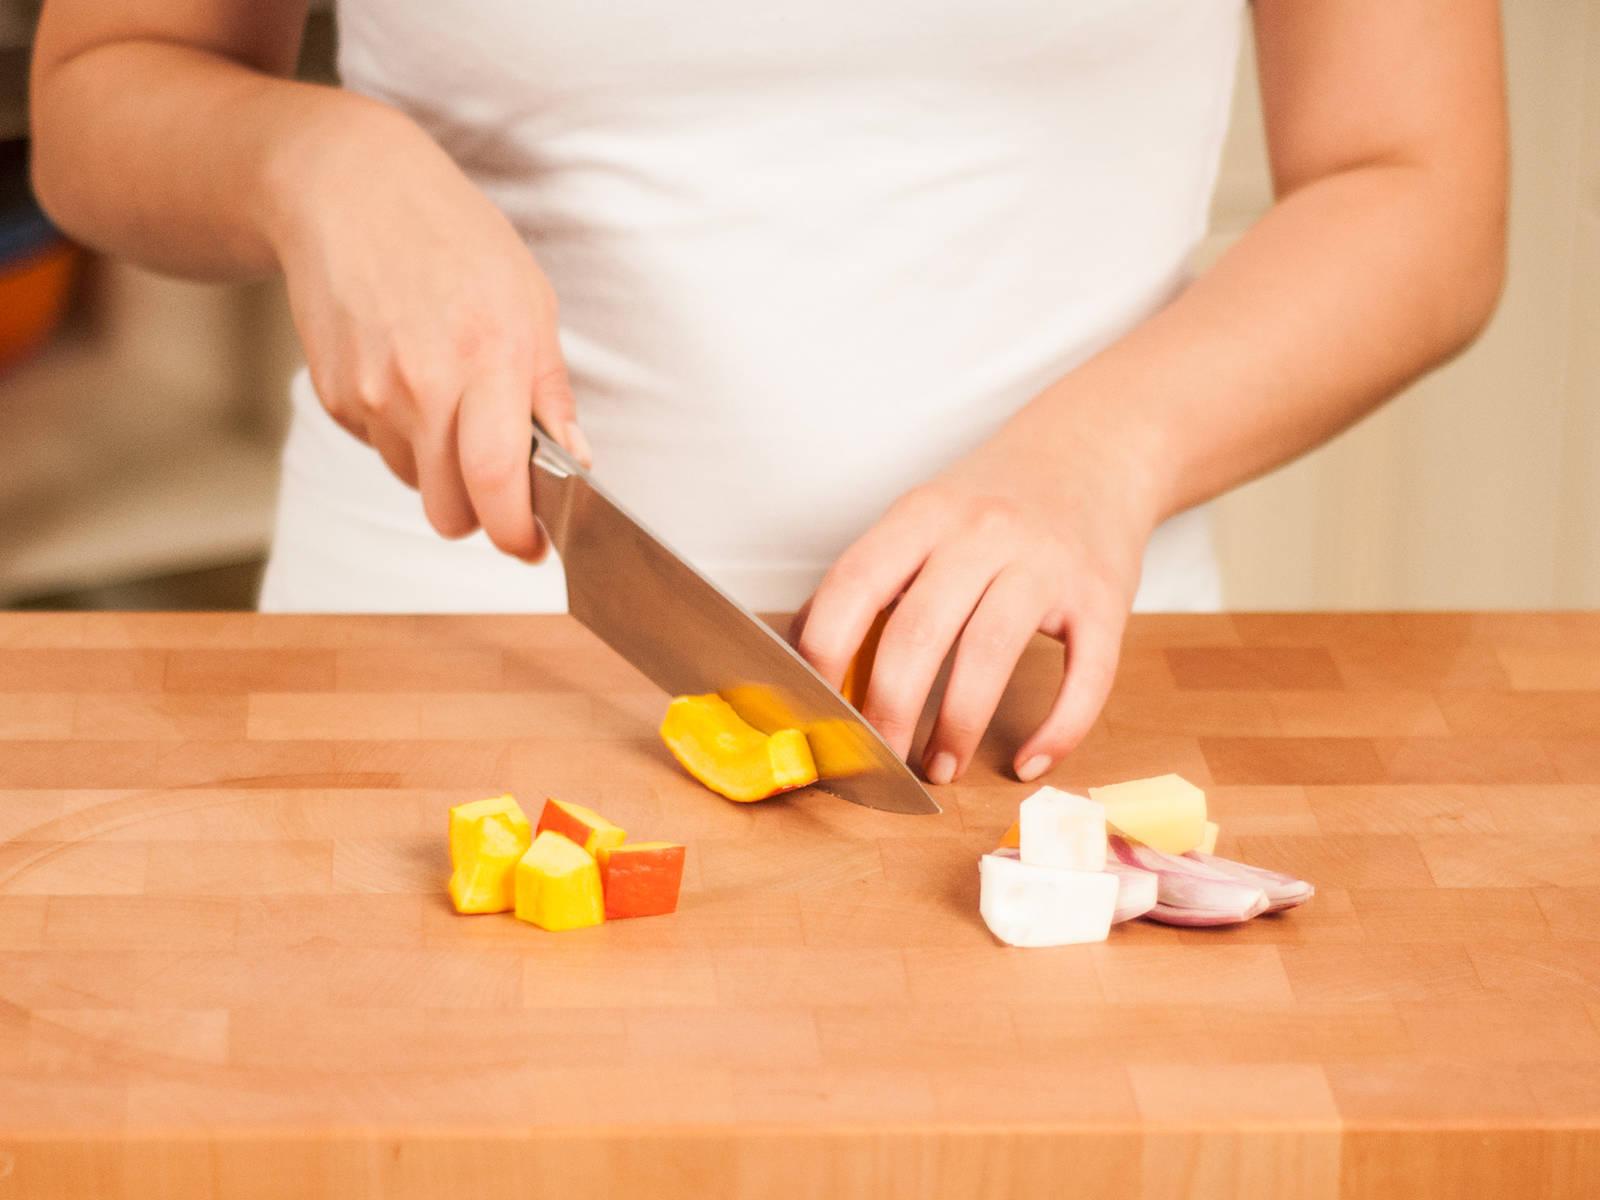 将土豆和芹菜根去皮,切成核桃大小的丁。将洋葱切片。摘下香草叶,粗略剁碎。将北海道南瓜切成大小均匀的小方块。